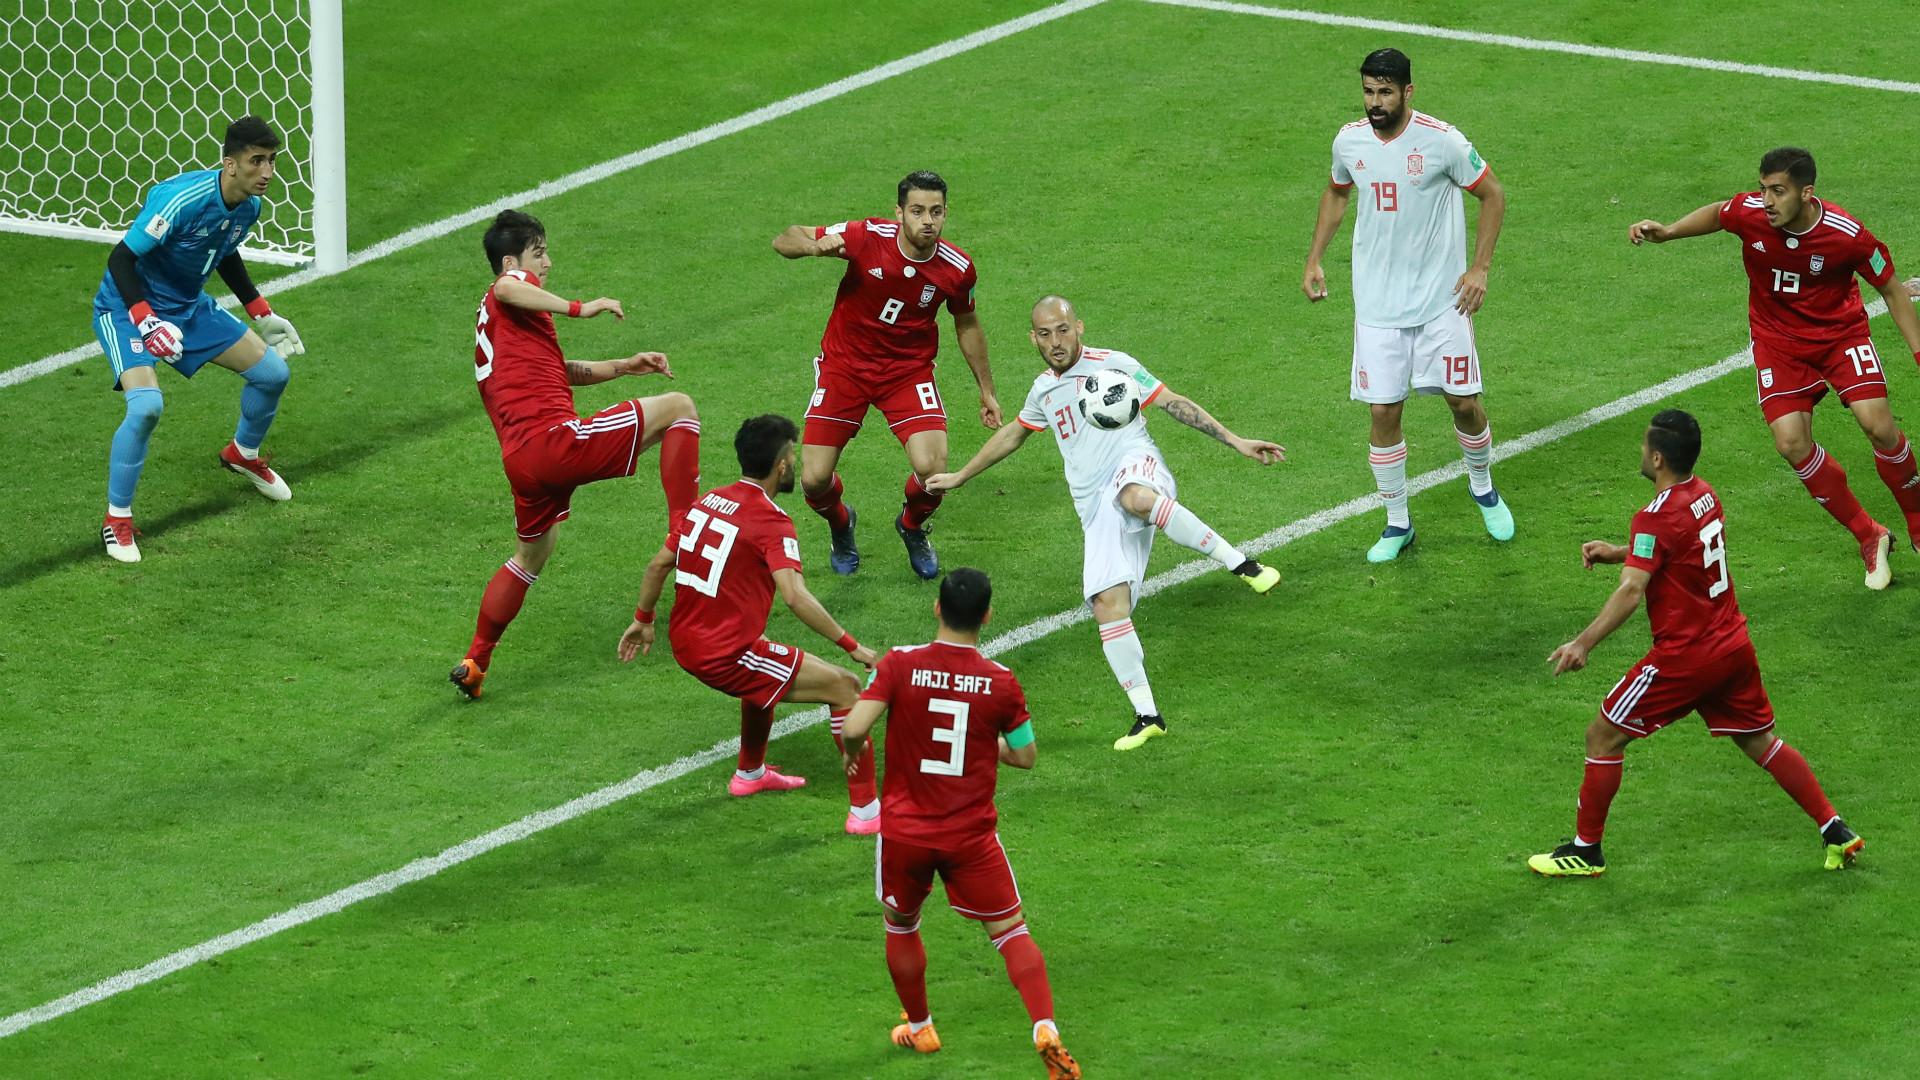 David Silva Iran Spain World Cup 2018